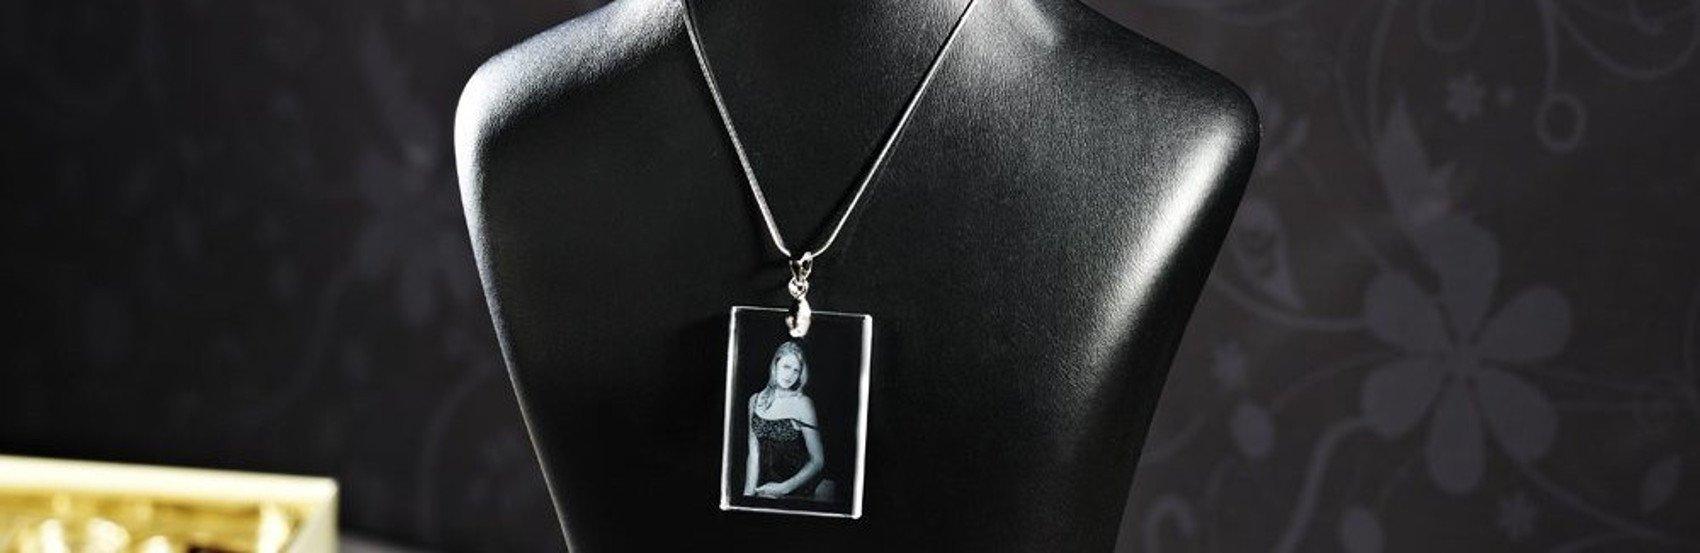 Lassen Sie uns Ihr Foto einzigartig in einen Schlüsselanhänger modellieren.